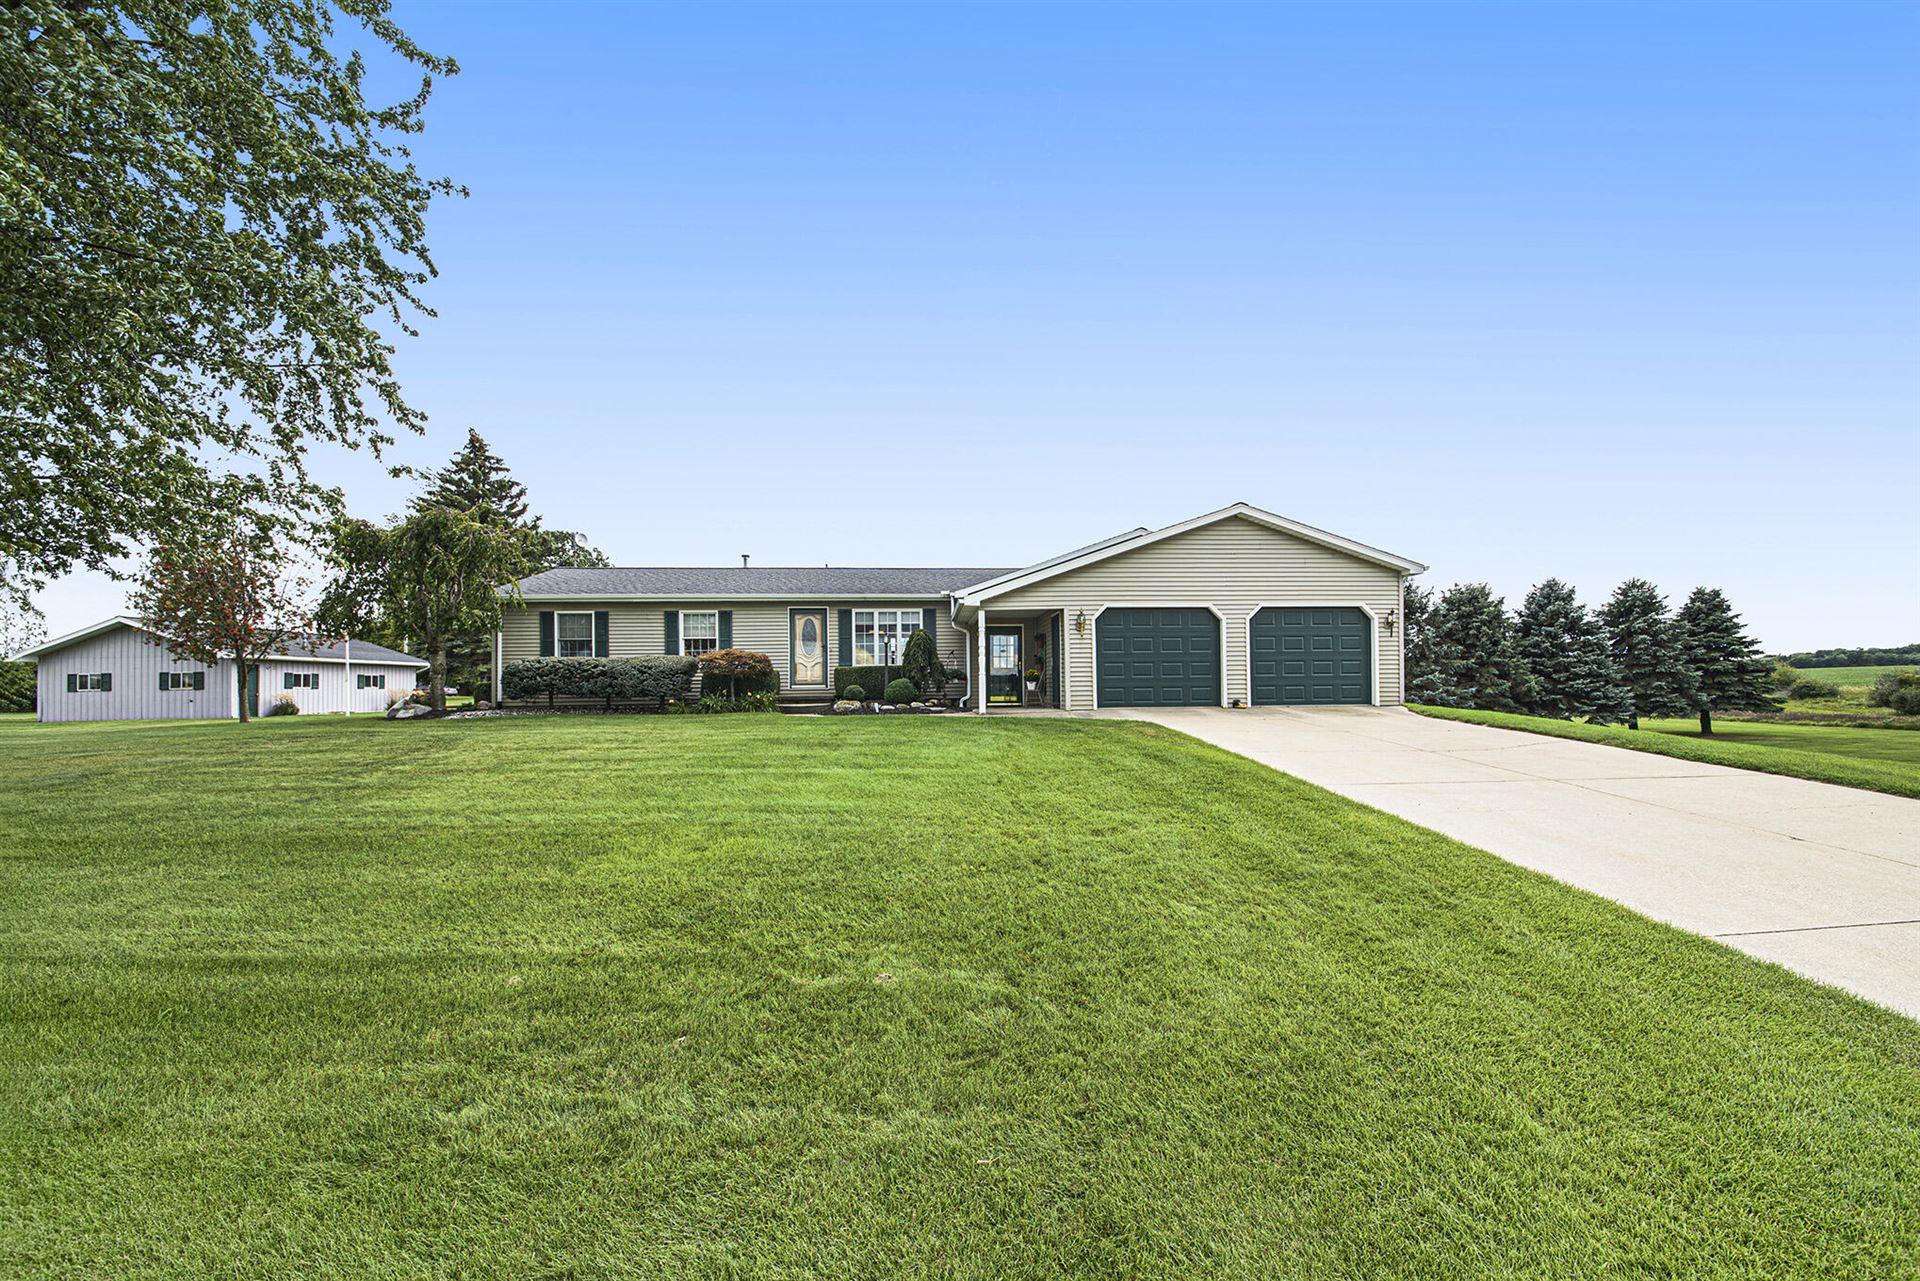 6025 W Edgar Road, Six Lakes, MI 48886 - MLS#: 21104920